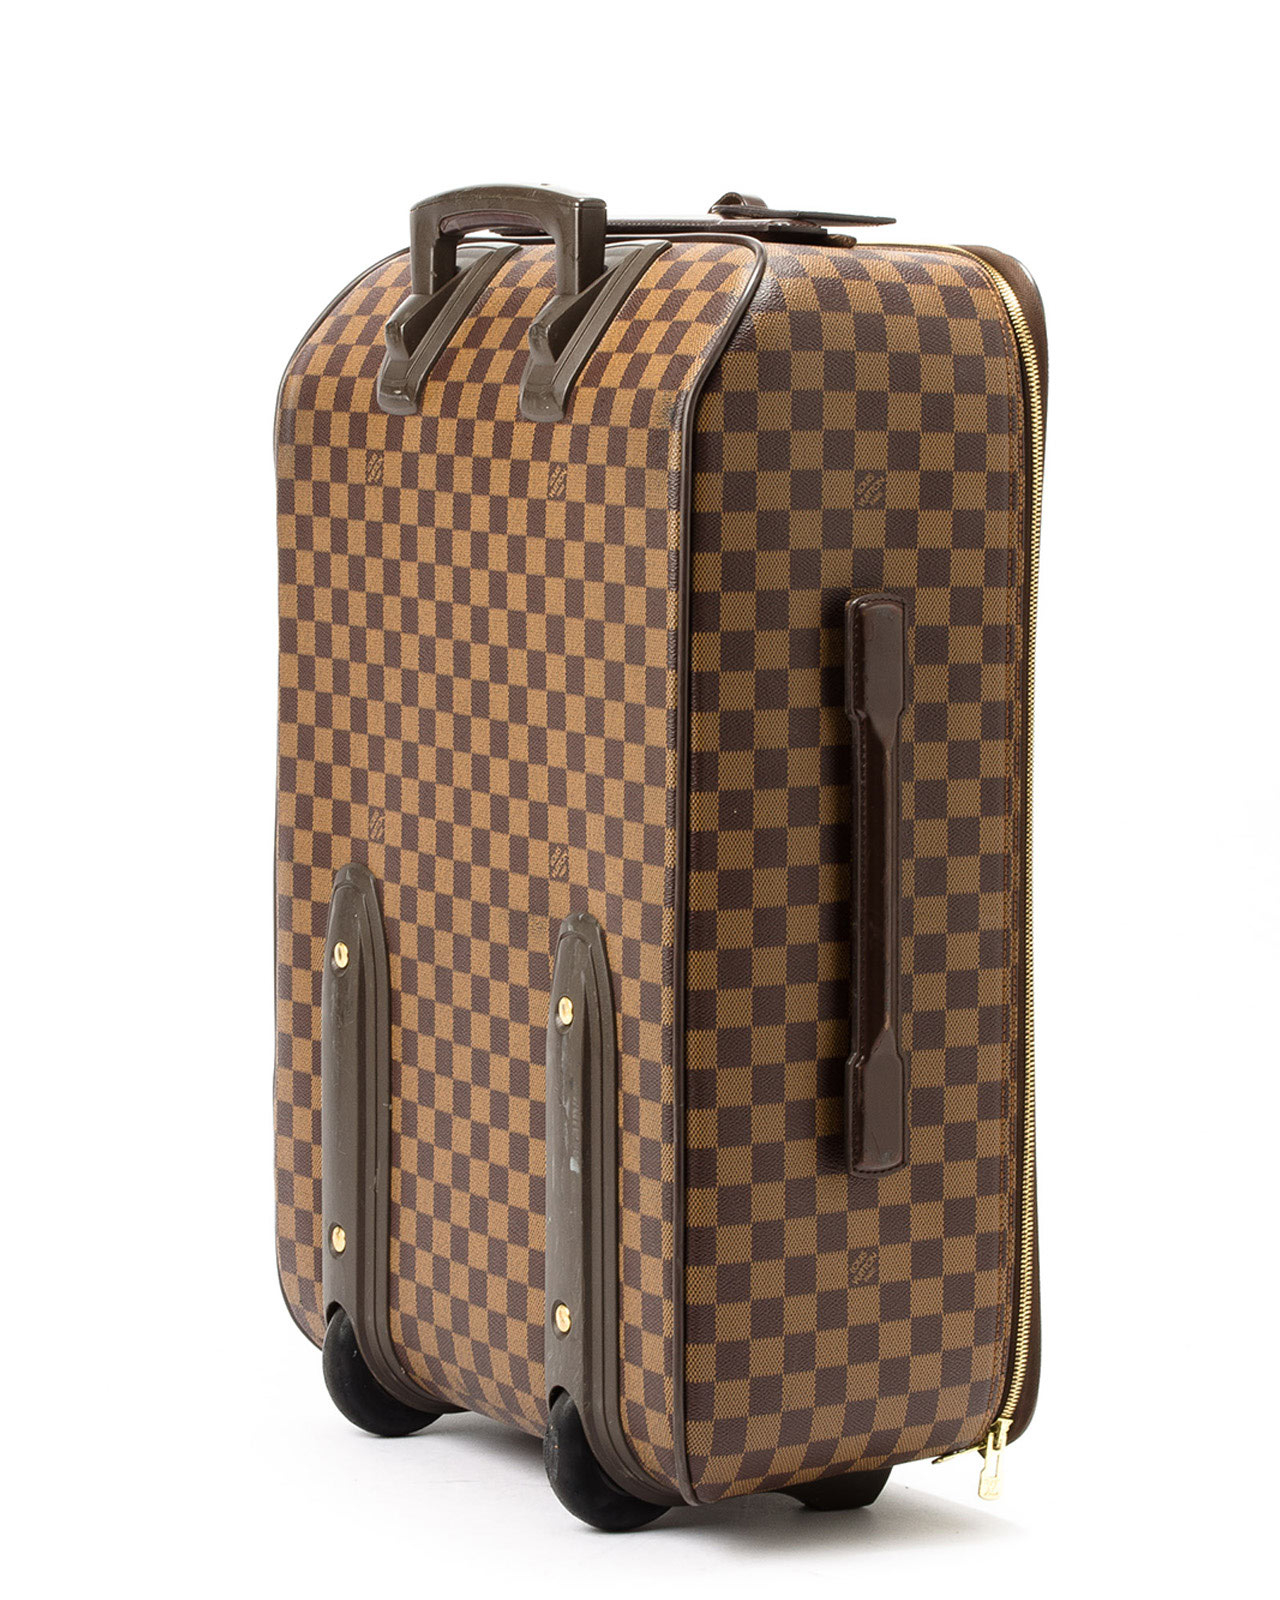 a4c4c960788d Lyst - Louis Vuitton Damier Ebene Pegase 55 Suitcase in Brown